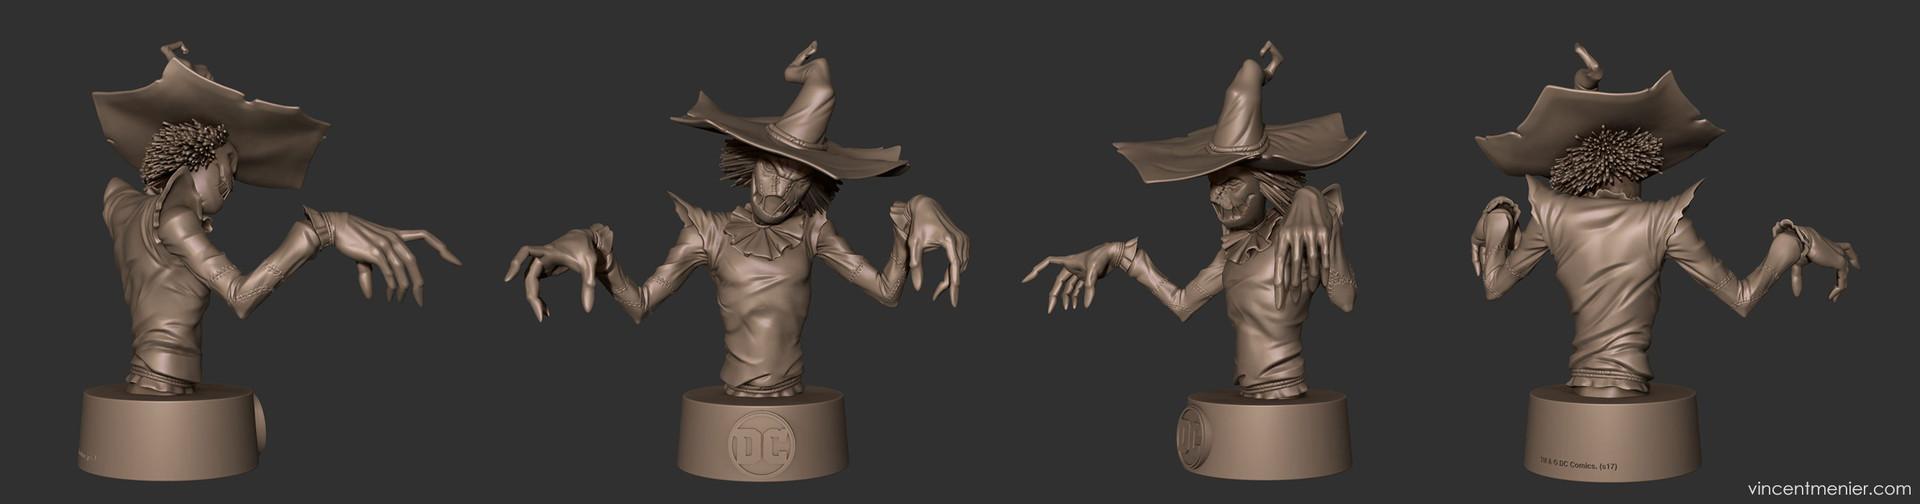 Vincent menier scarecrow final turn